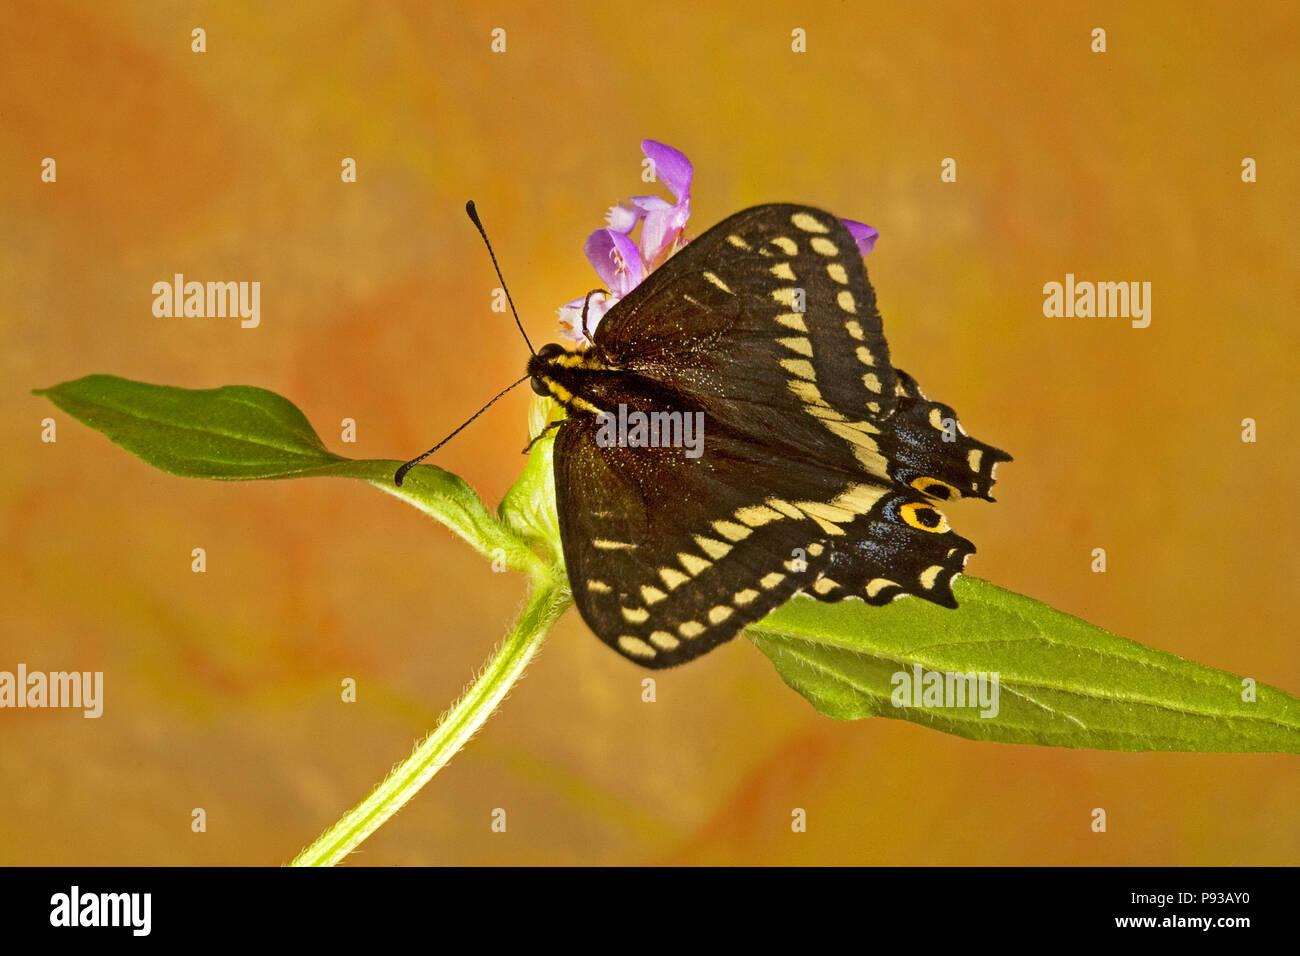 Vista dorsal de una especie de Indra, mariposas Papilio Indra, sobre una flor silvestre en la zona oriental de Cascade Mountains de Oregon central. Imagen De Stock